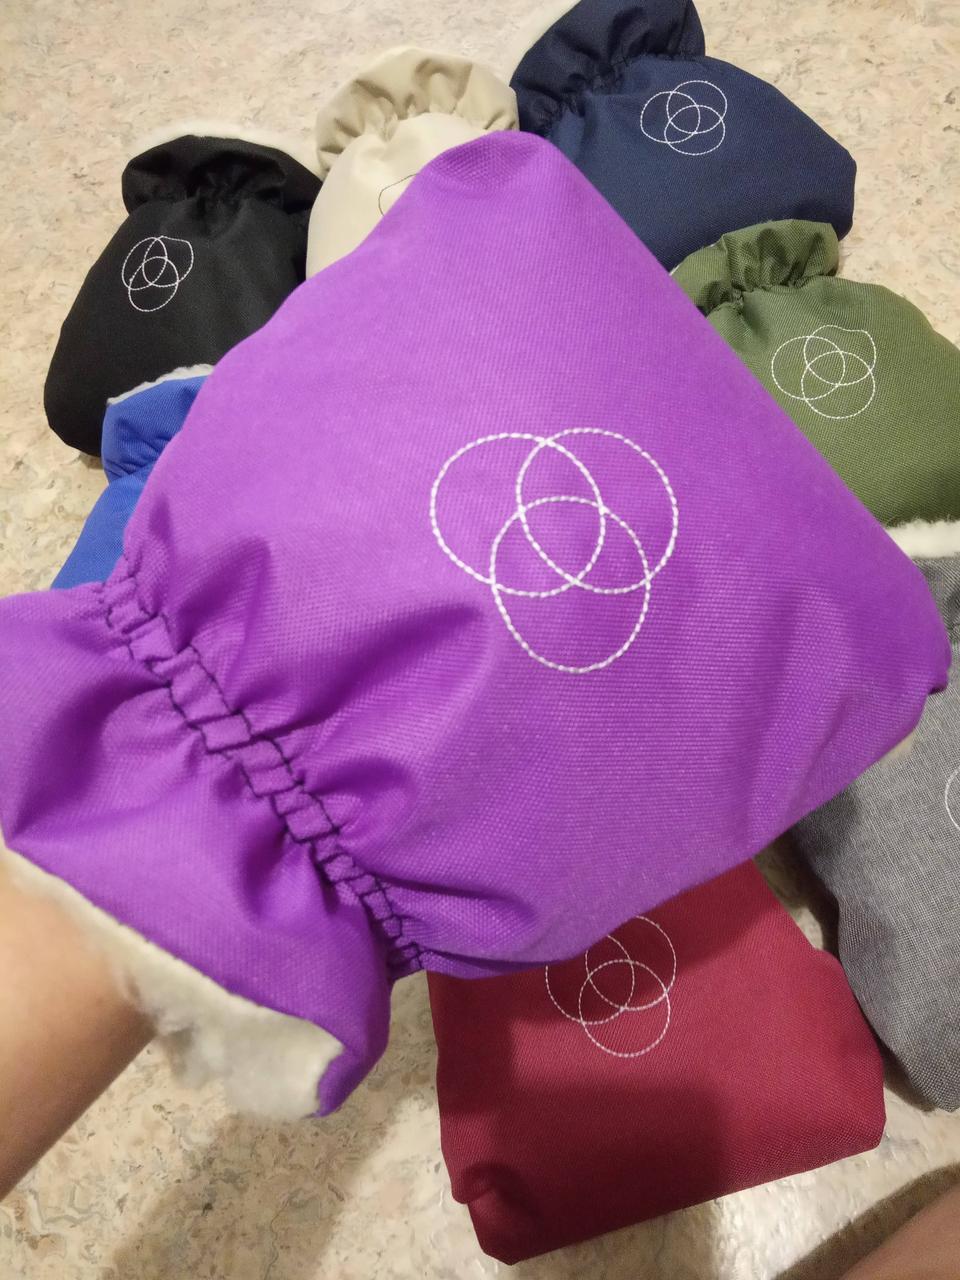 Муфта варежки теплые рукавицы для коляски сирень, темно-сиреневый